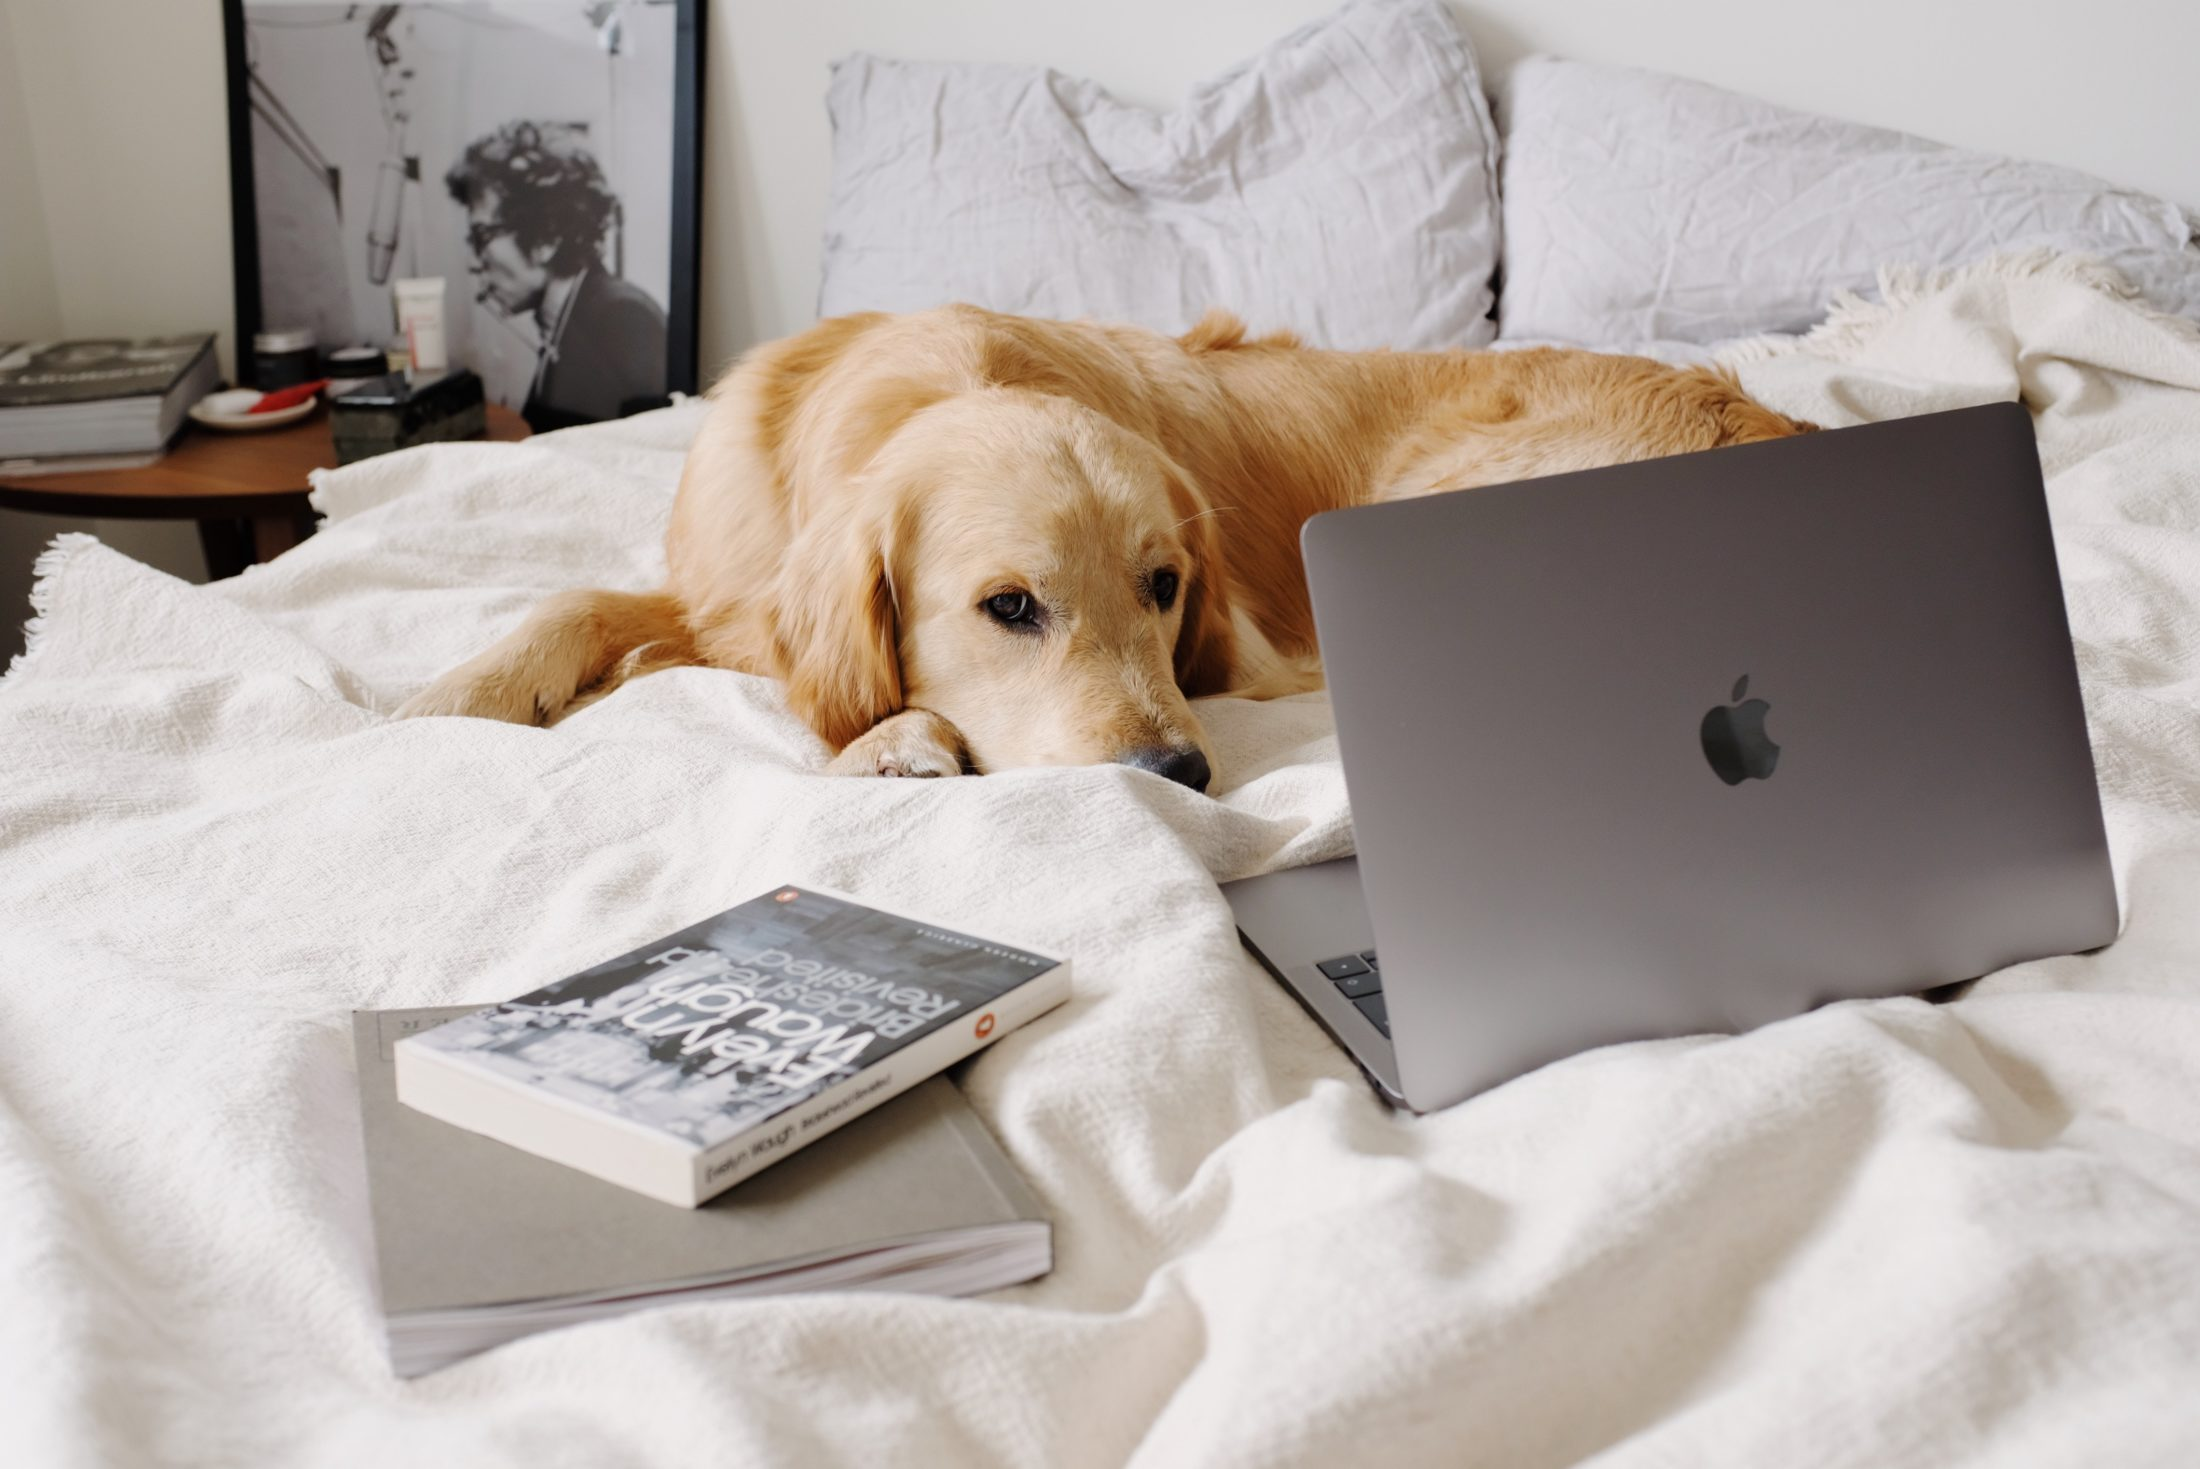 cachorro deitado na cama em frente a laptop